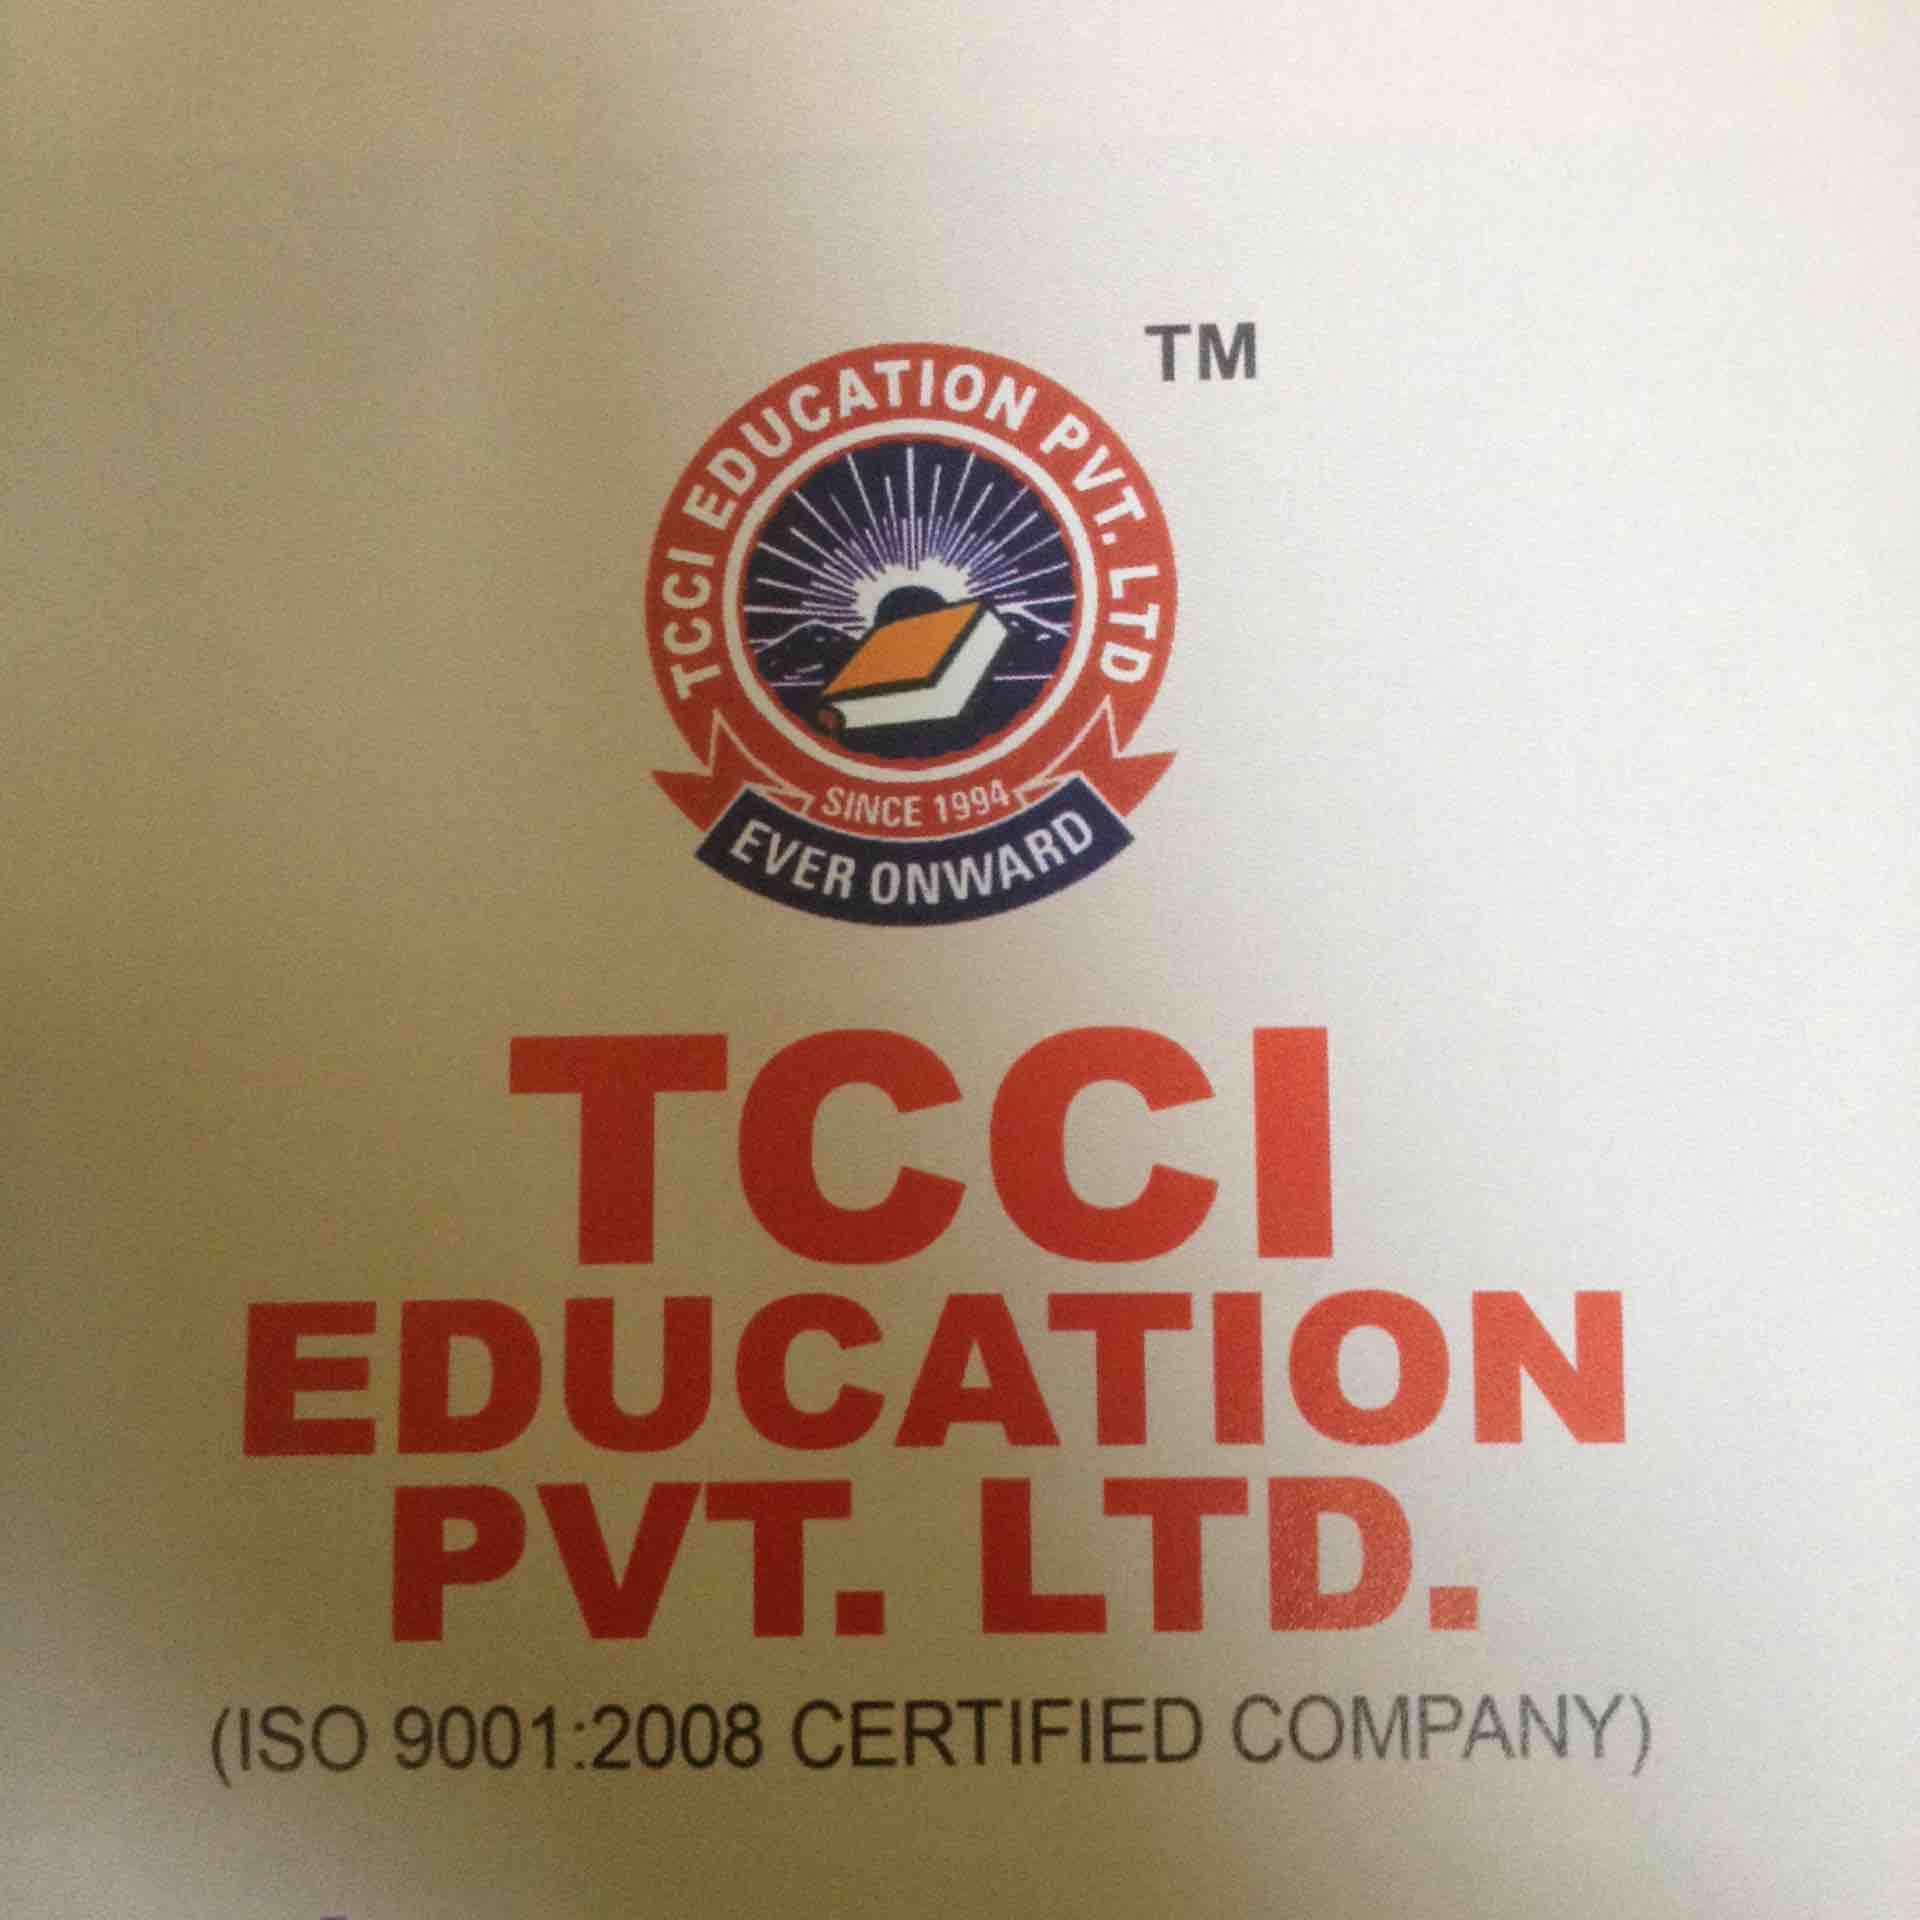 TCCI EDUCATION PVT LTD